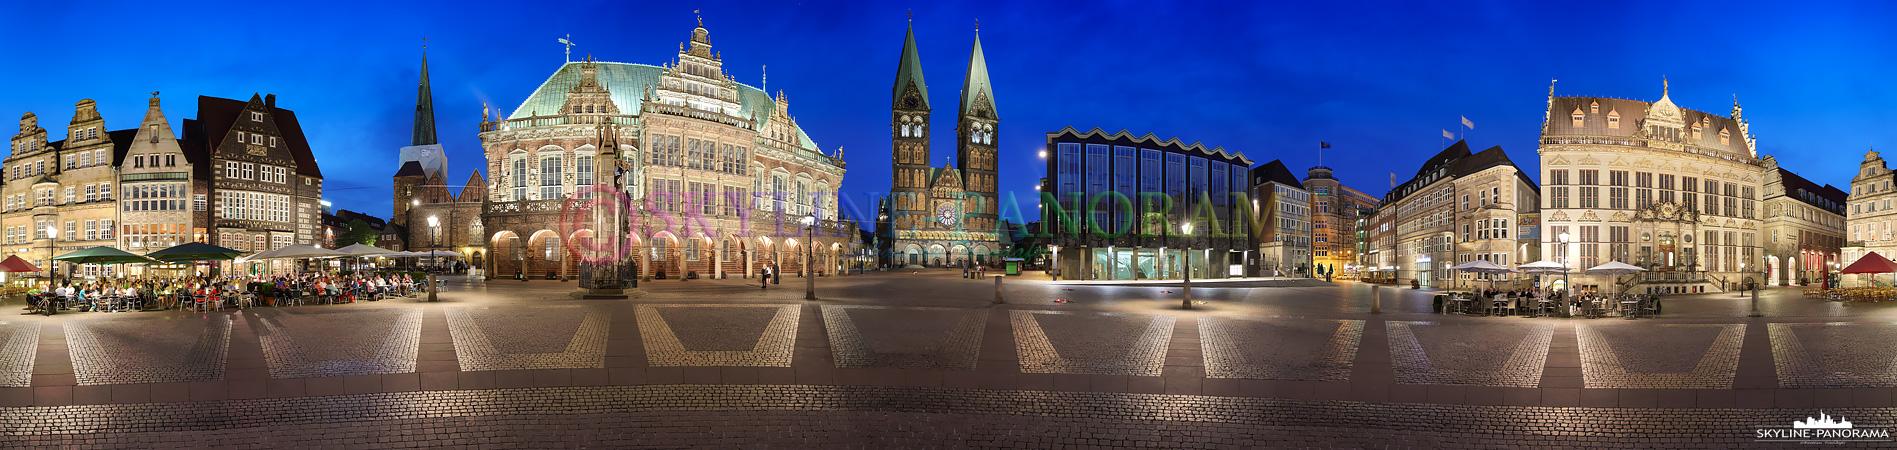 Panorama aus dem Zentrum des Bremer Marktplatzes. Auf dem historischen Platz in der Bremer Altstadt findet man einige der bekanntesten Sehenswürdigkeiten der Hansestadt, dazu zählen, um nur einige zu nennen, das Bremer Rathaus mit dem Roland, die Bronzefigur der Bremer Stadtmusikanten und der Sankt Petri Dom zu Bremen.